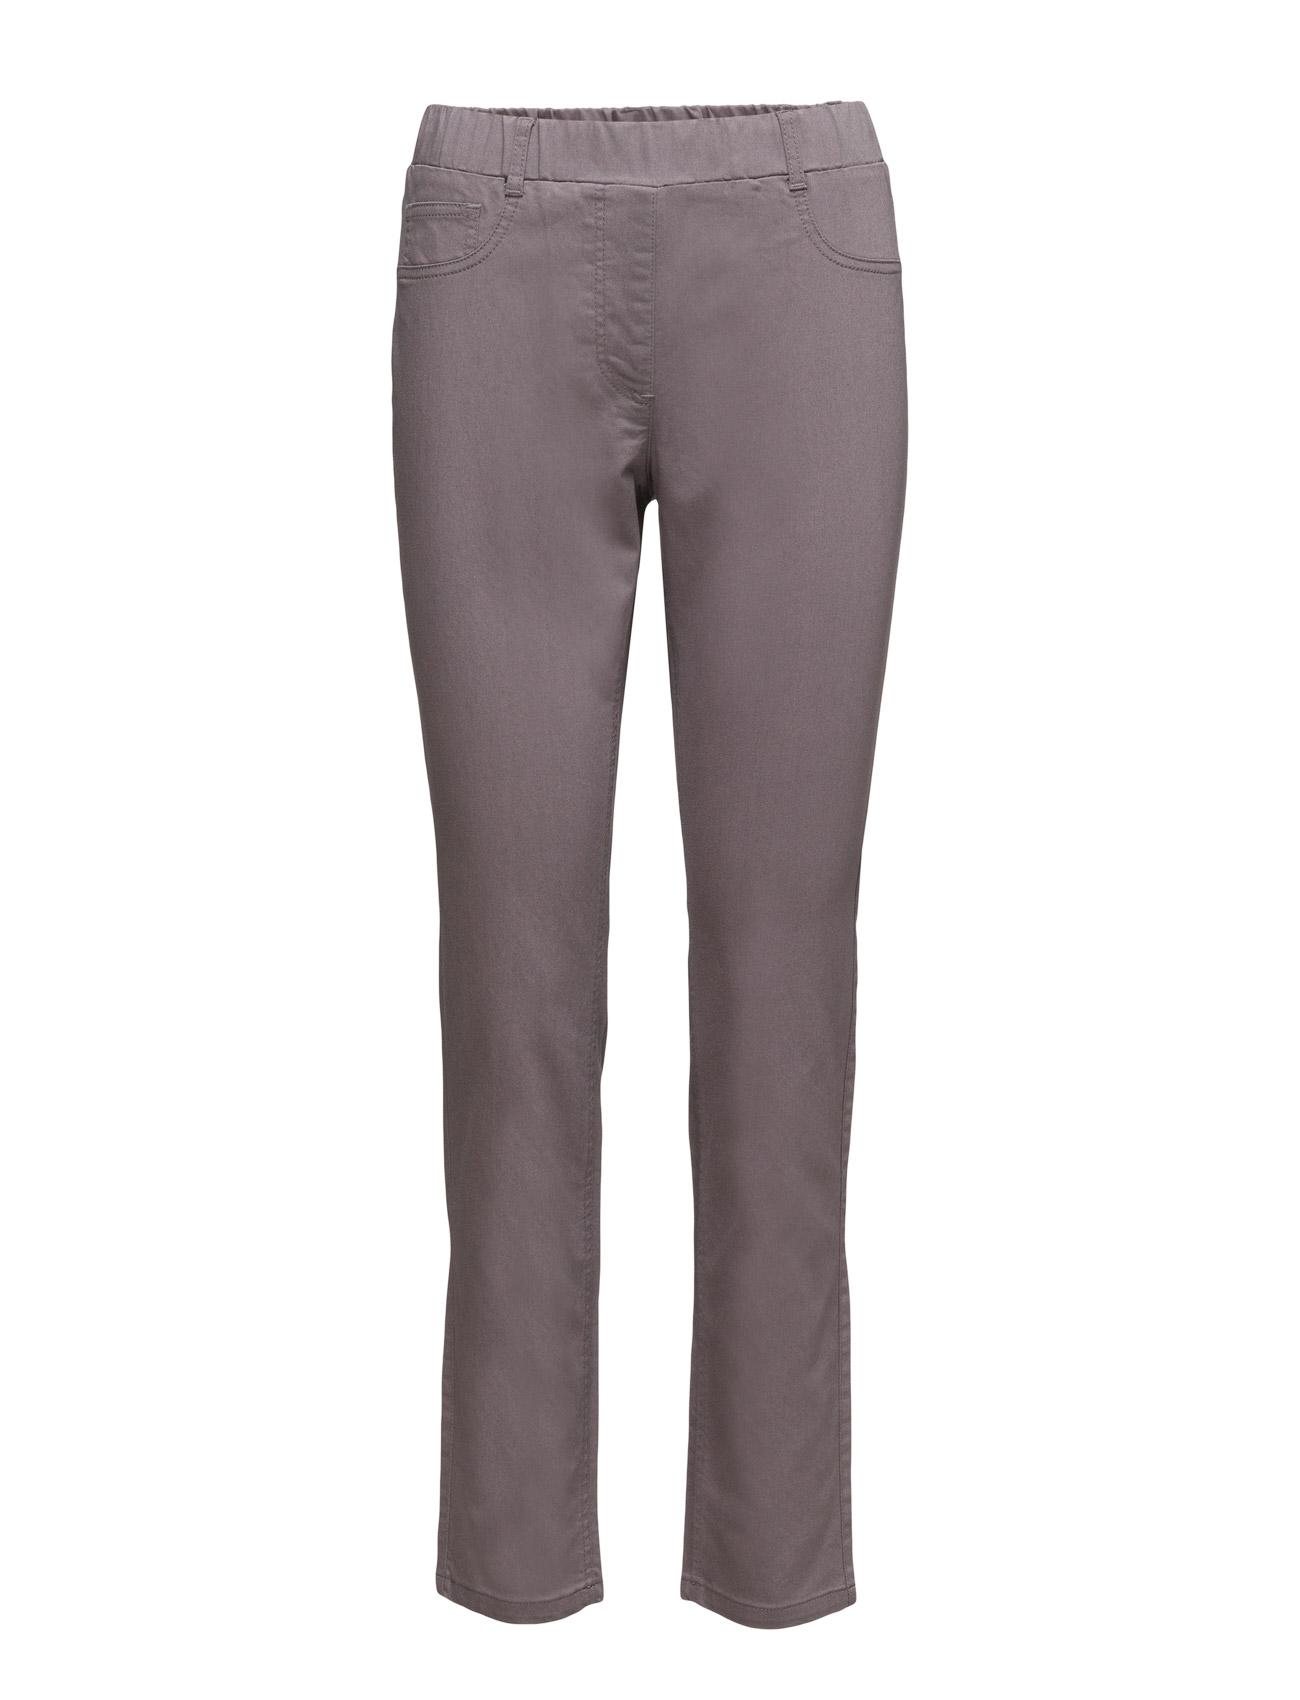 Bukser Signature Bukser til Kvinder i Røget Pearl